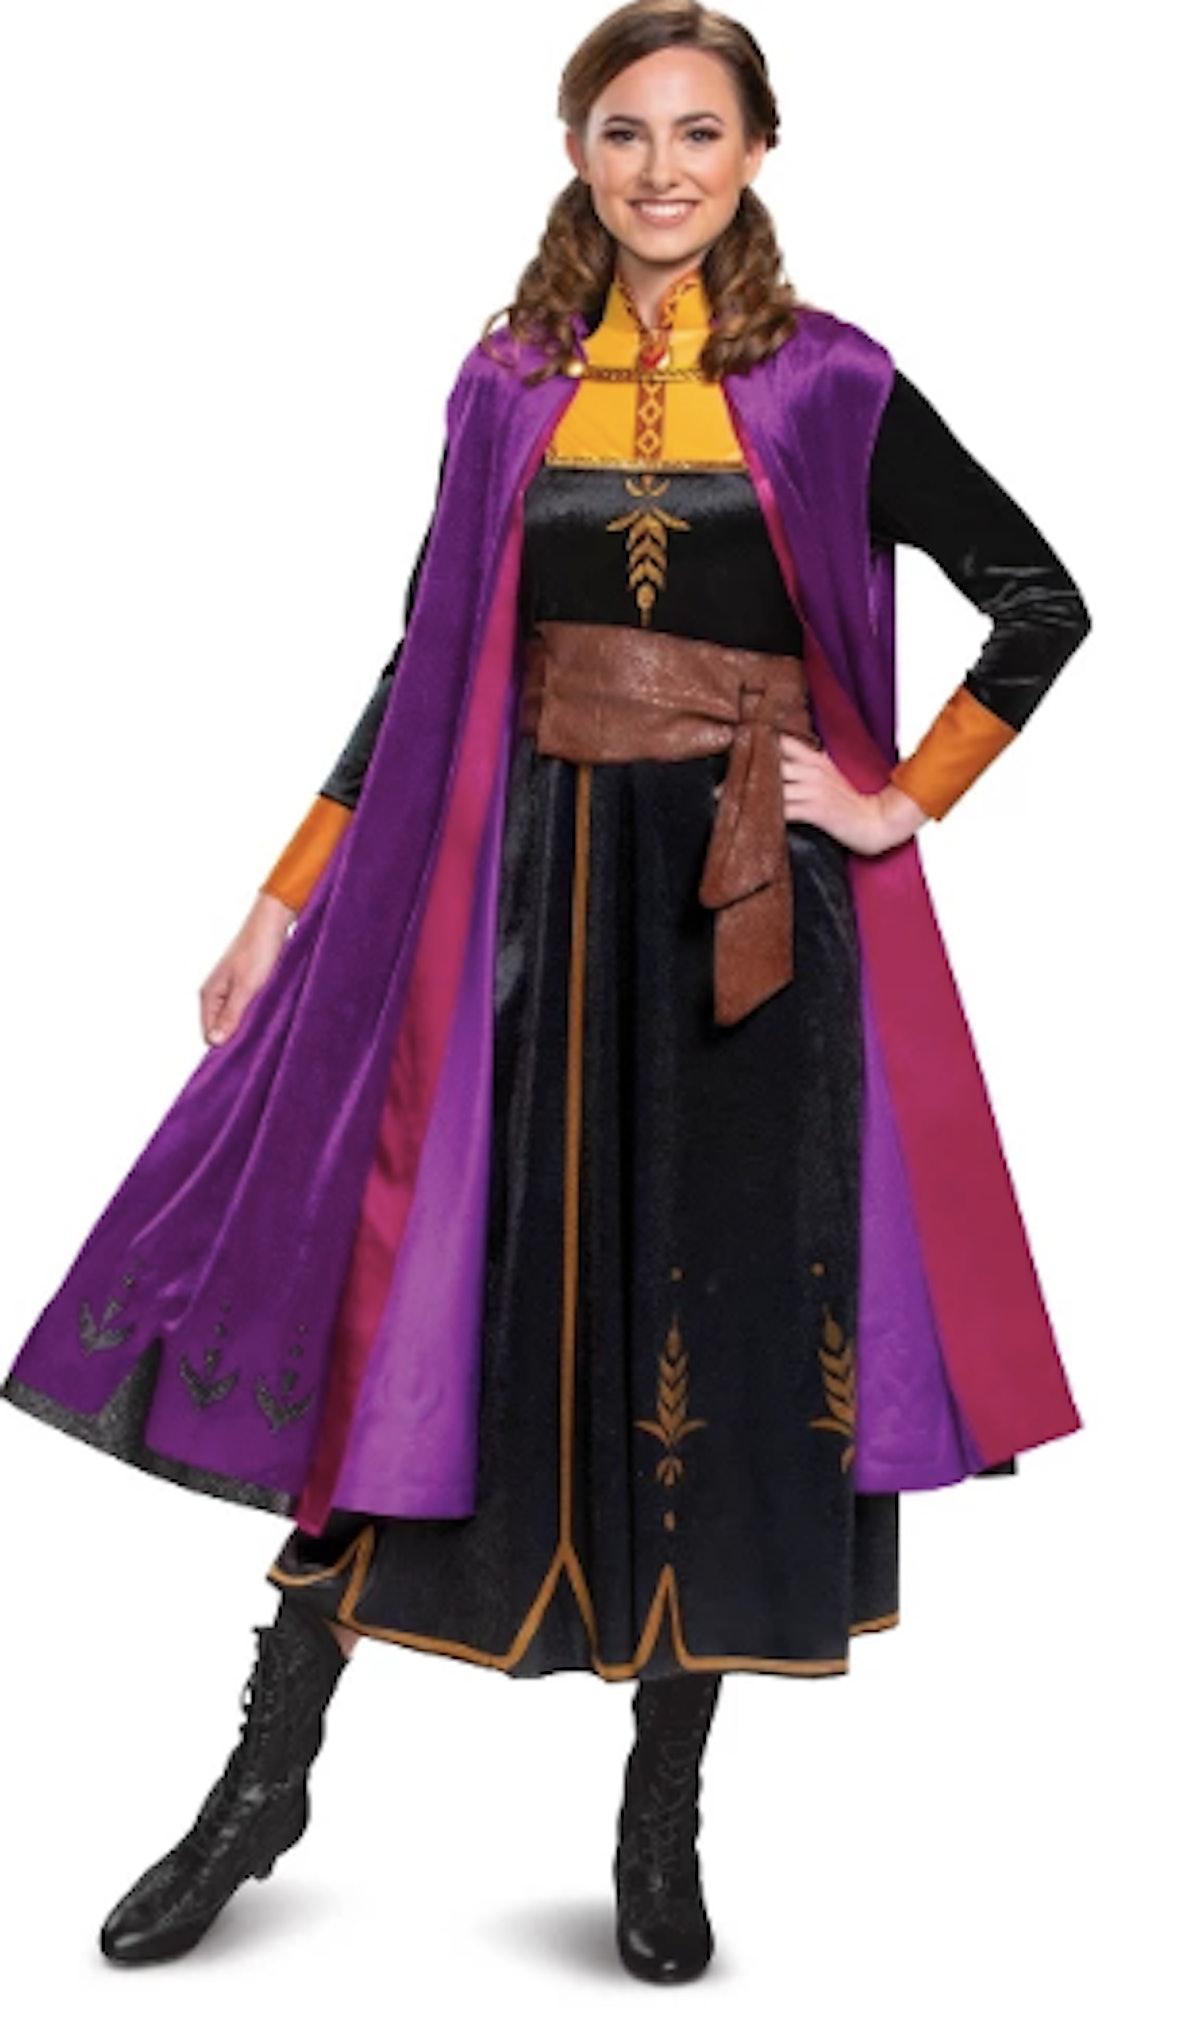 Women's Disney Frozen 2 Anna Deluxe Halloween Costume